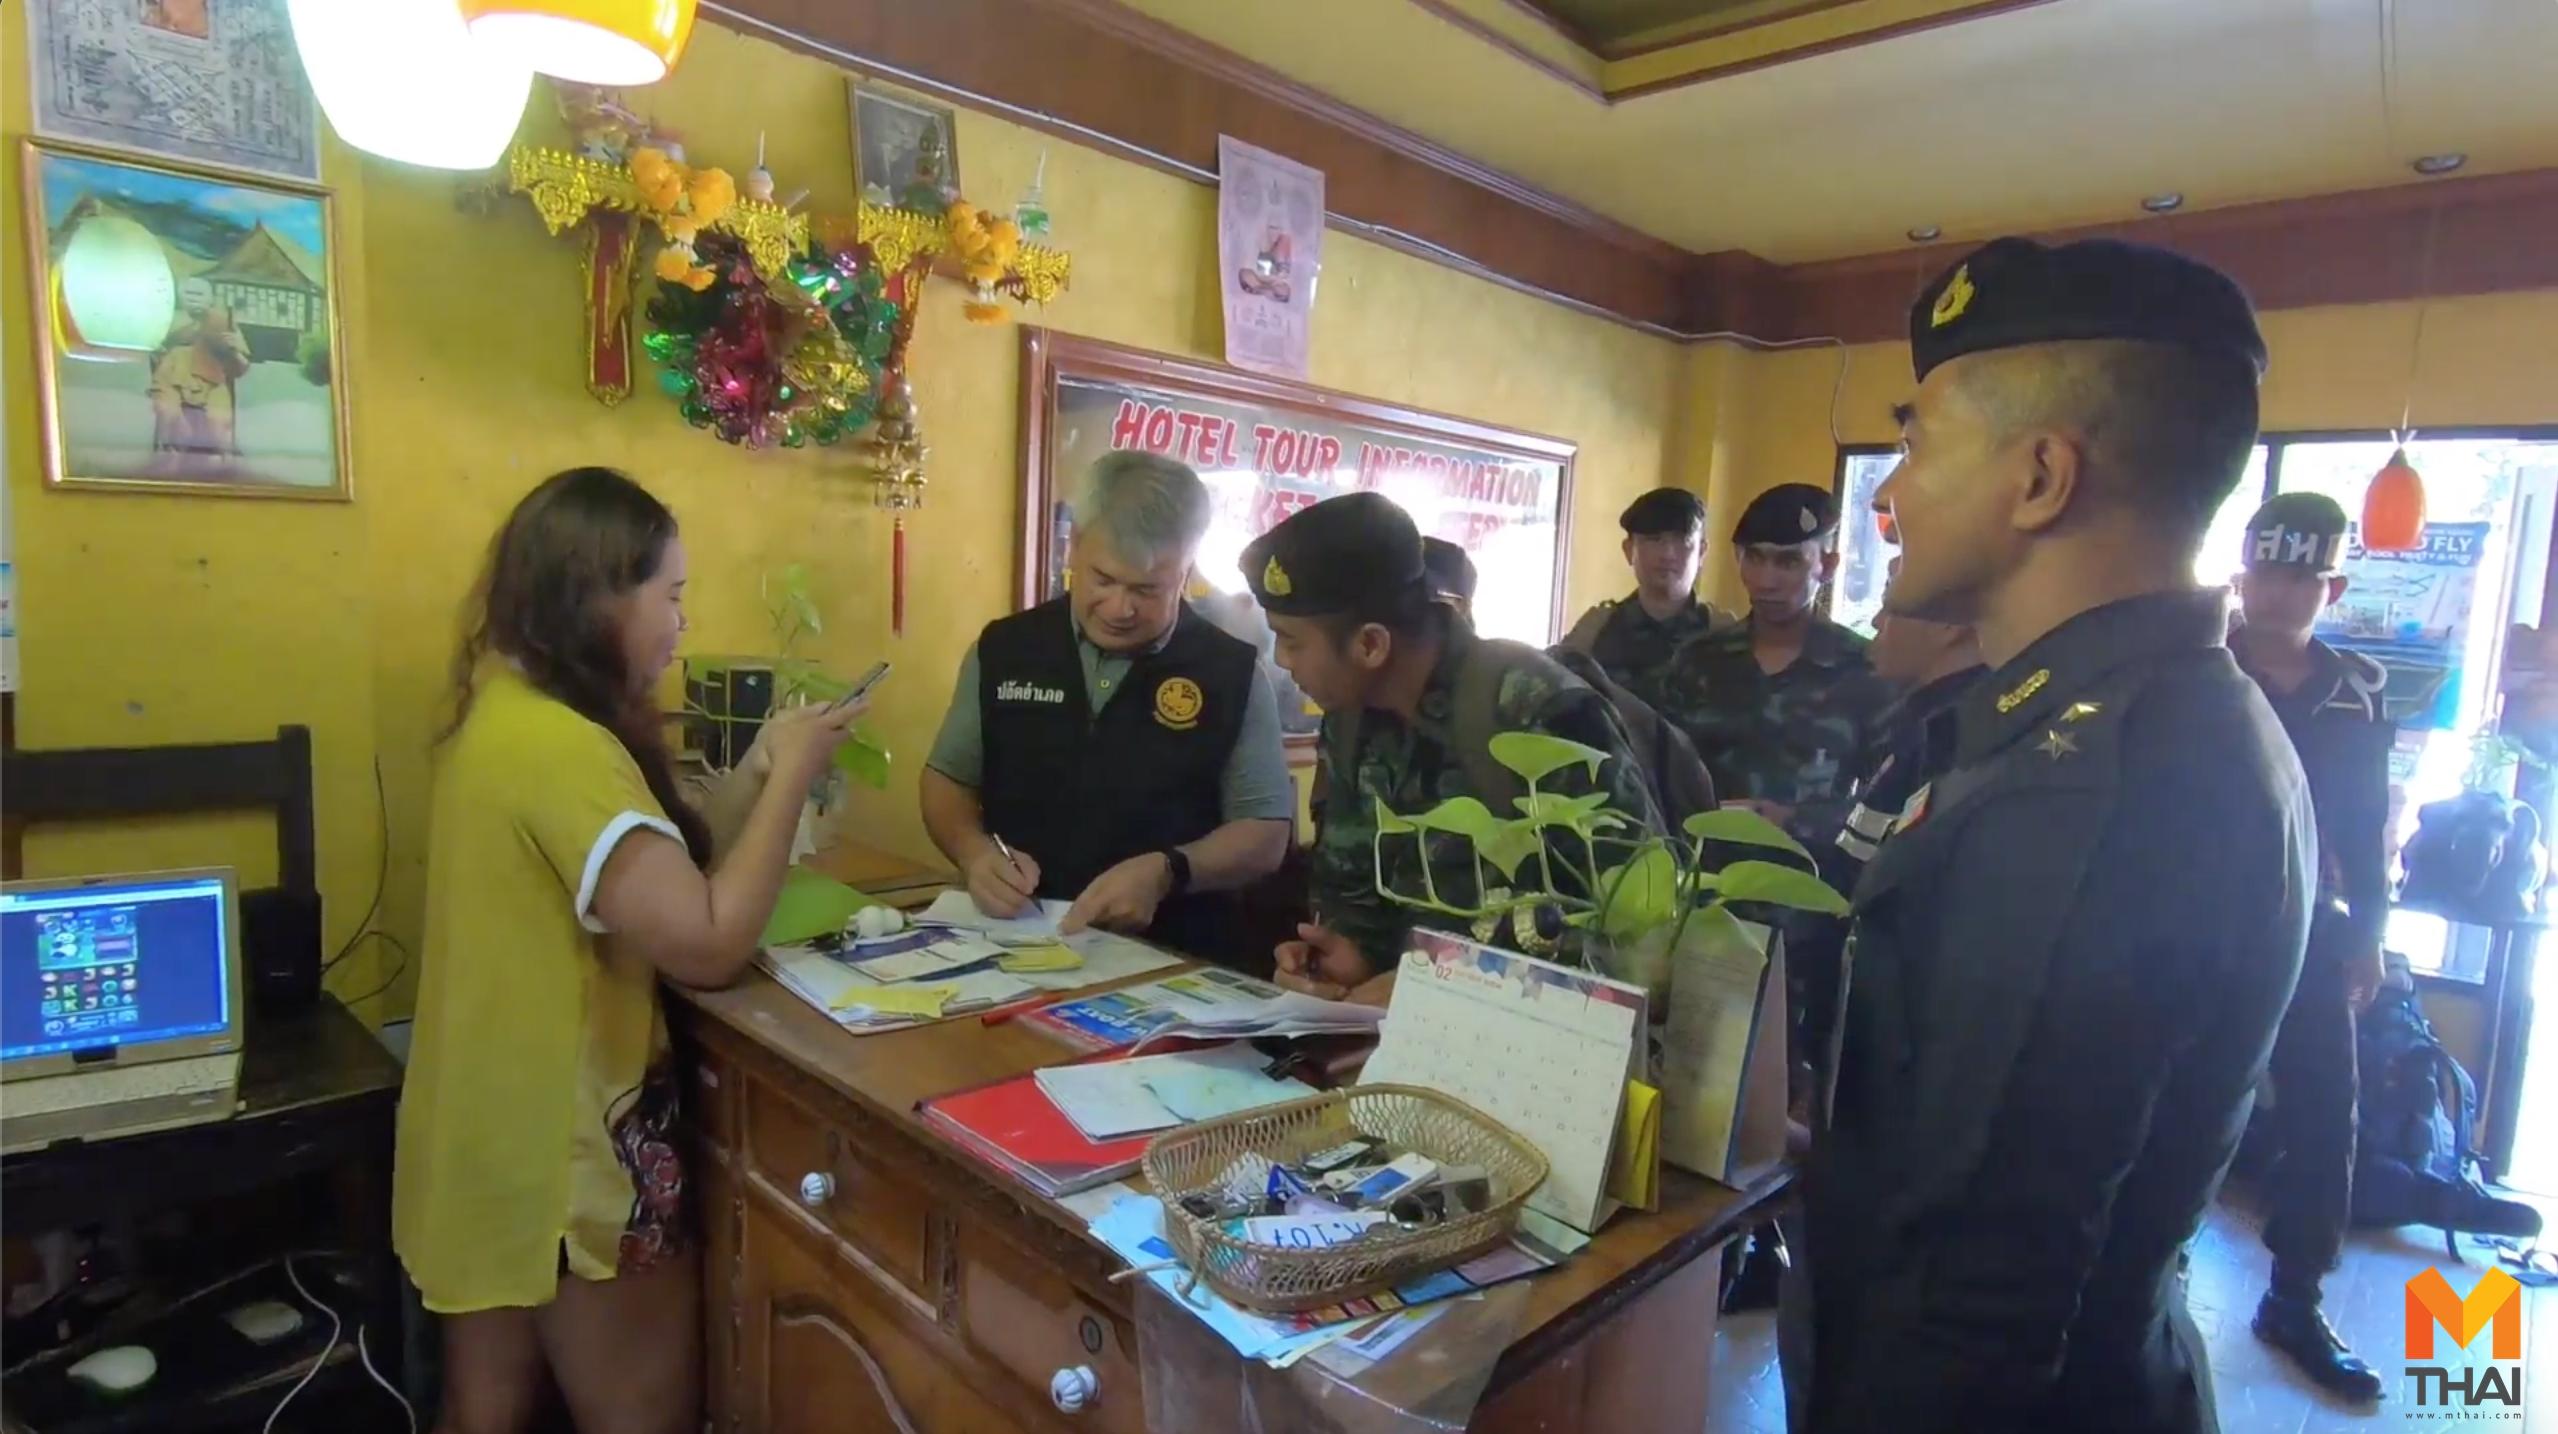 ข่าวภูมิภาค ที่พักเกาะสมุย เกาะสมุย โฮสเทล ไม่มีใบอนุญาต